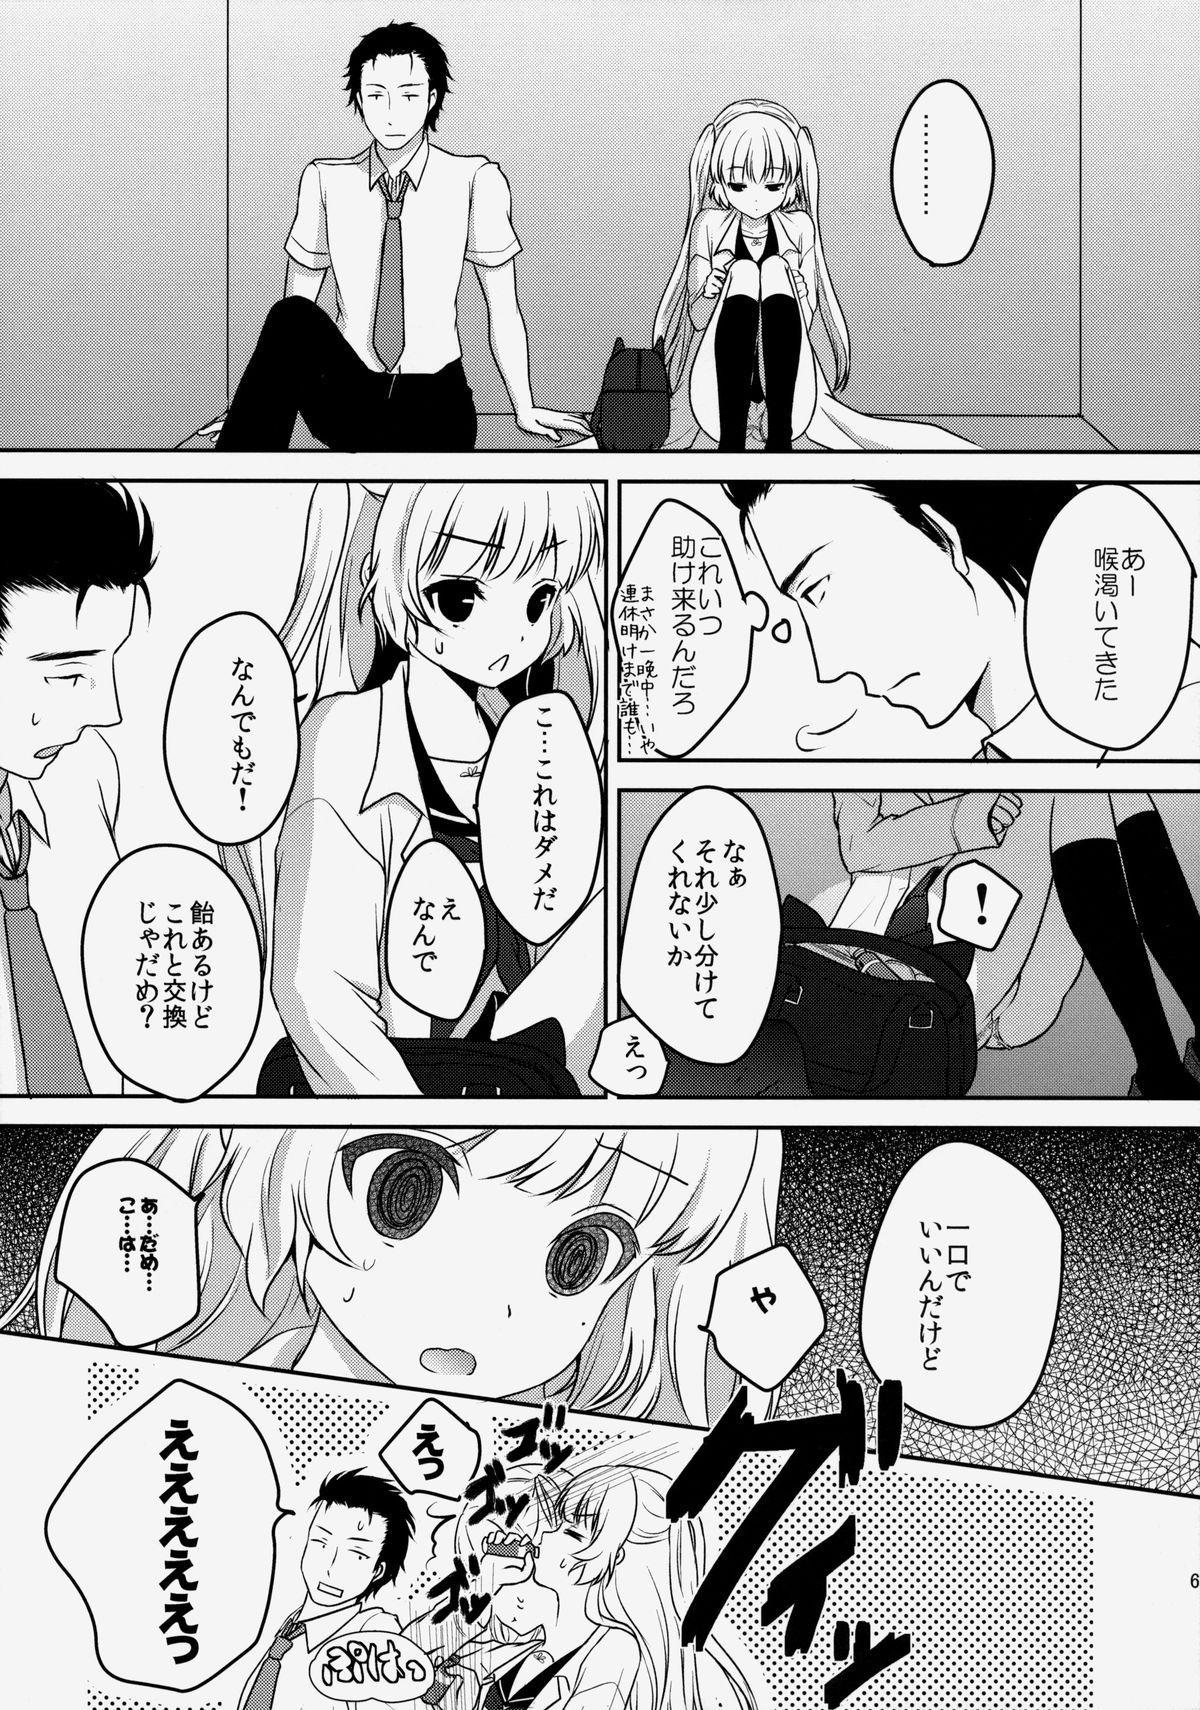 Misshitsu To Syoujyo To Amai Okusuri 4